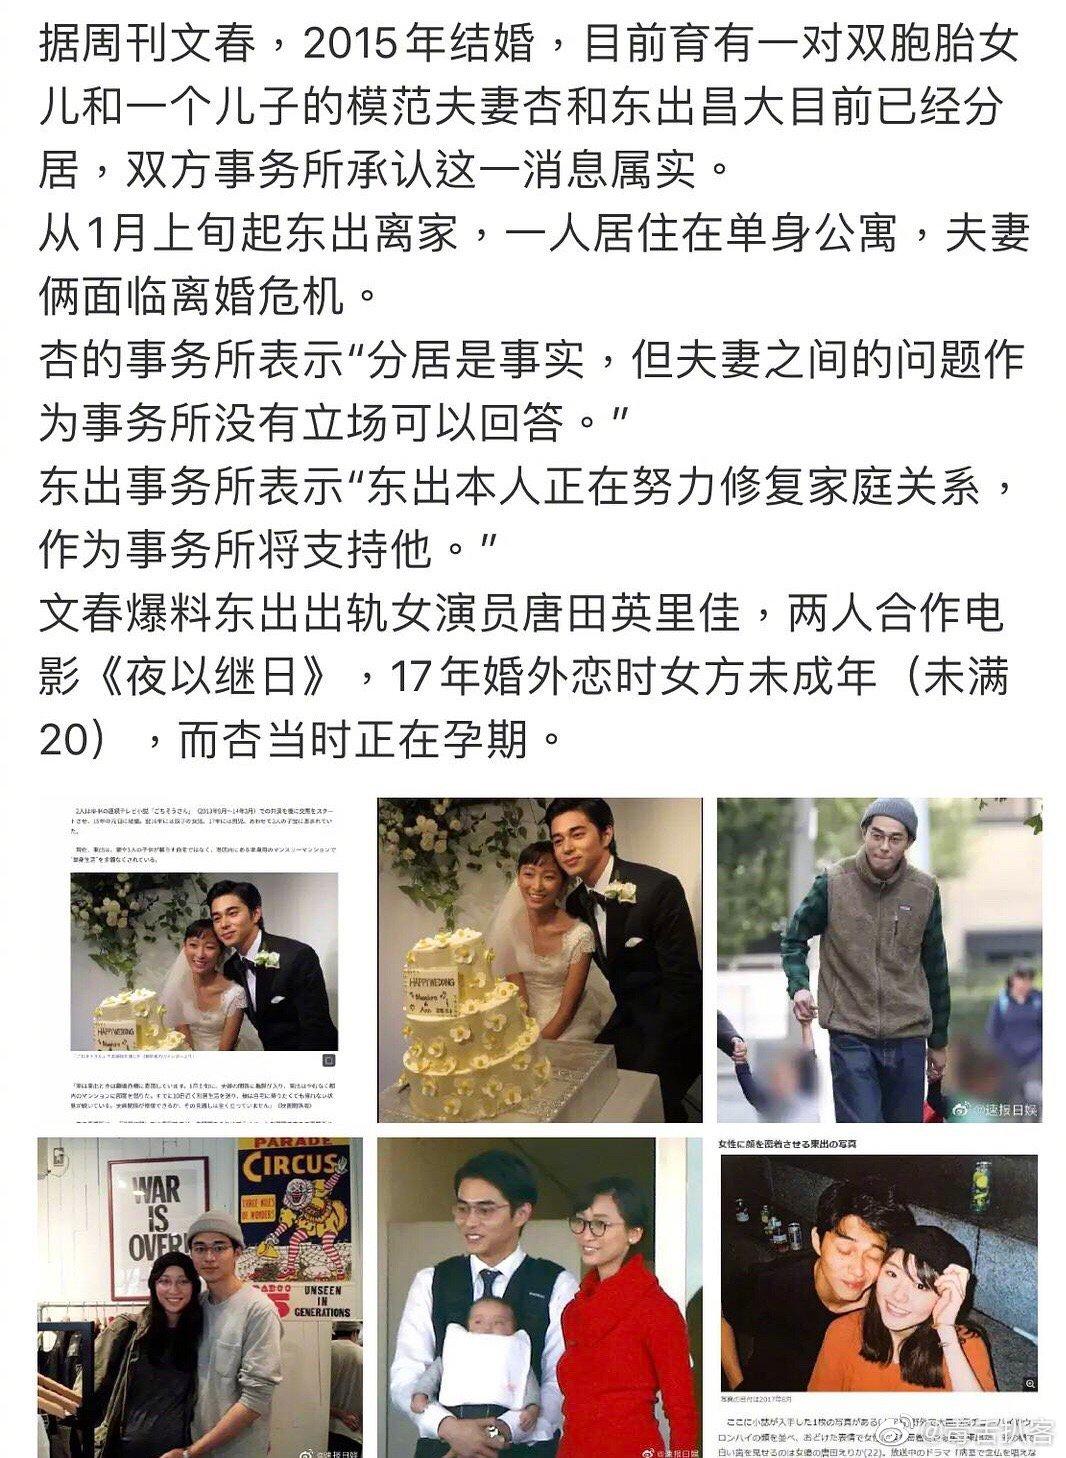 有日媒爆料东出昌大和渡边杏正在分居中,双方面临离婚危机